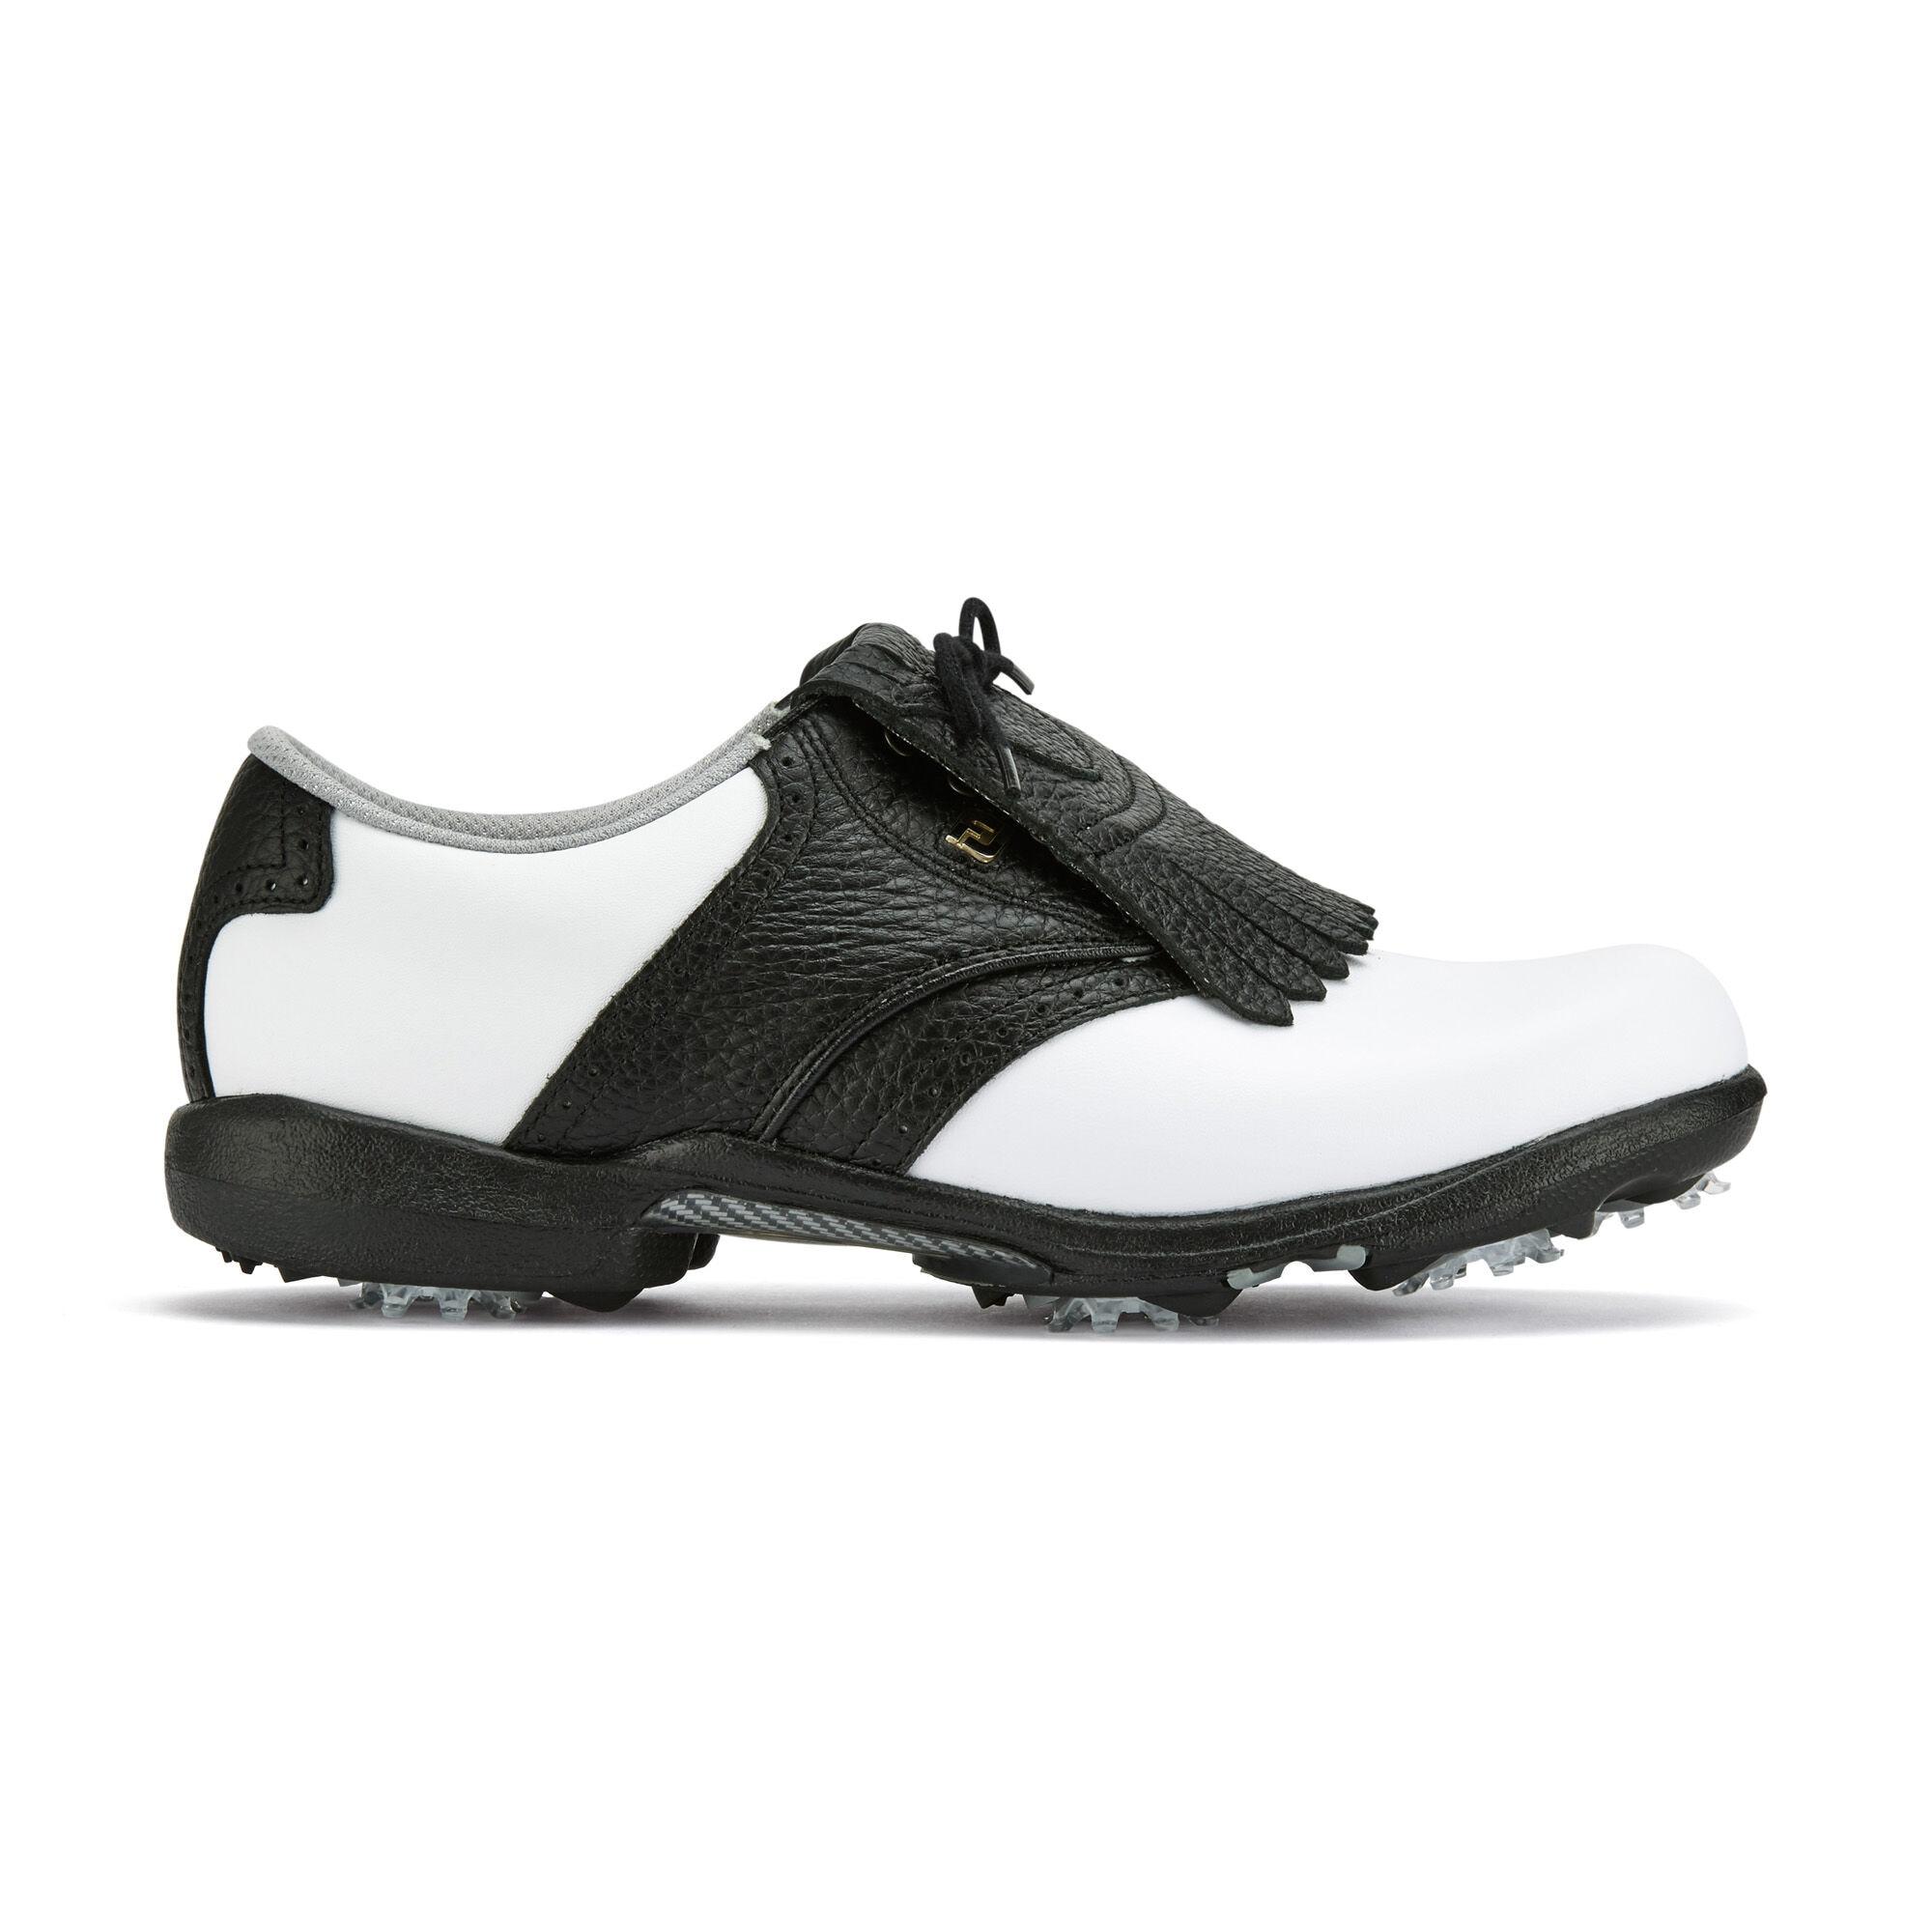 Chaussures de golf à crampons pour femme N° 1 | FootJoy